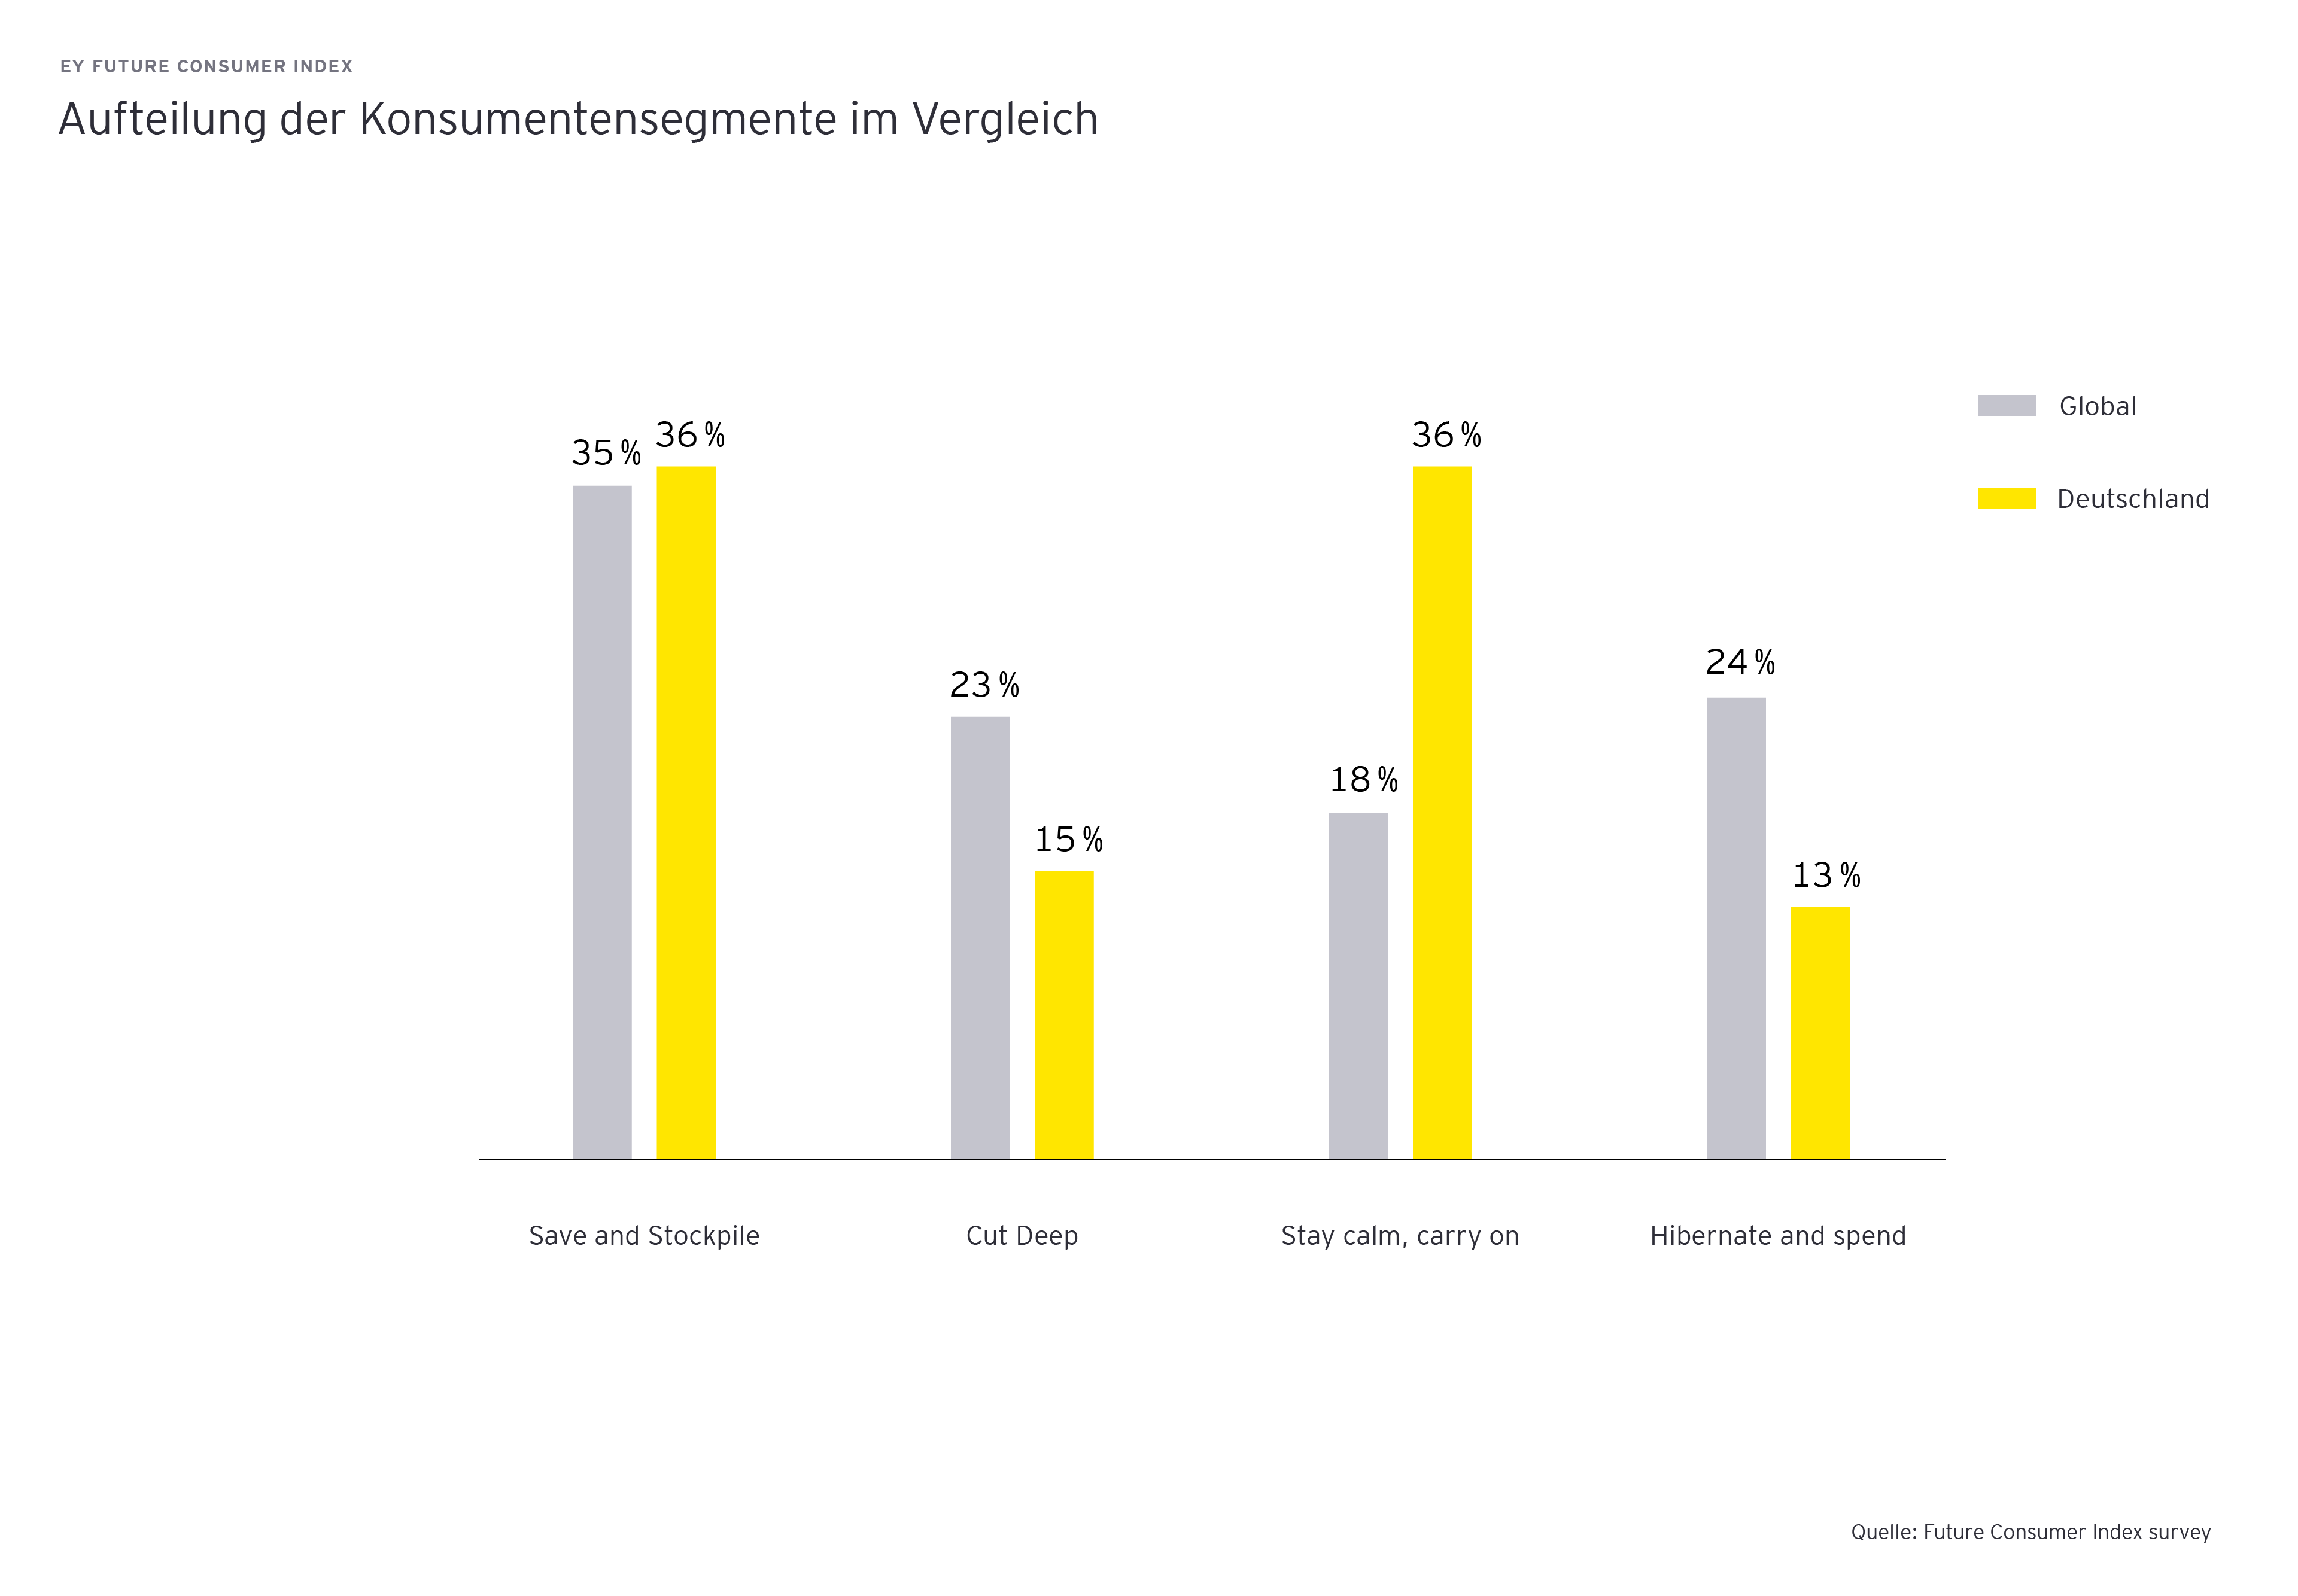 Aufteilung der Kosumentensegmente im Vergleich